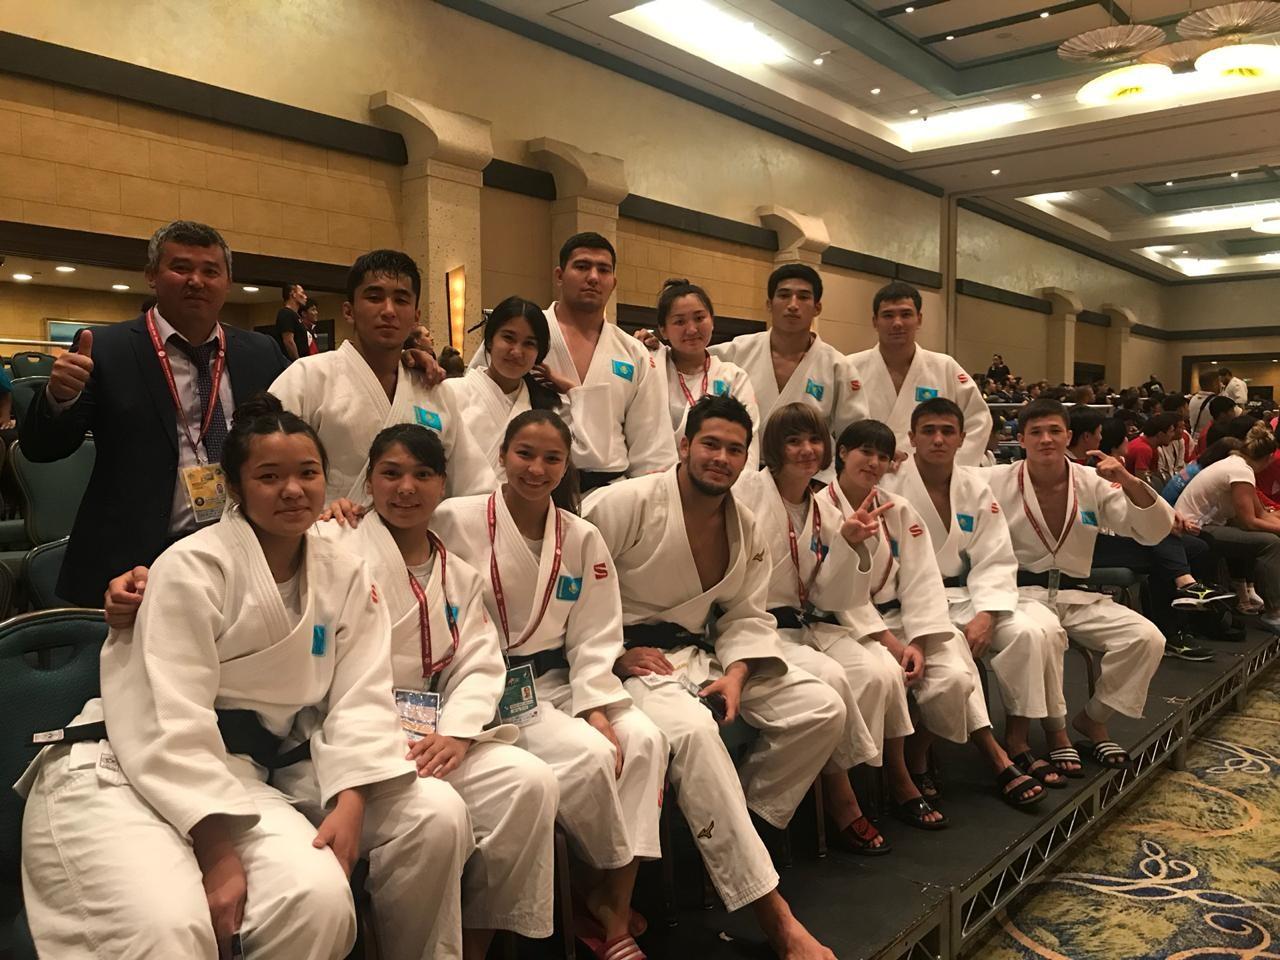 Казахстанские дзюдоисты стали бронзовыми призёрами чемпионата мира среди молодёжи